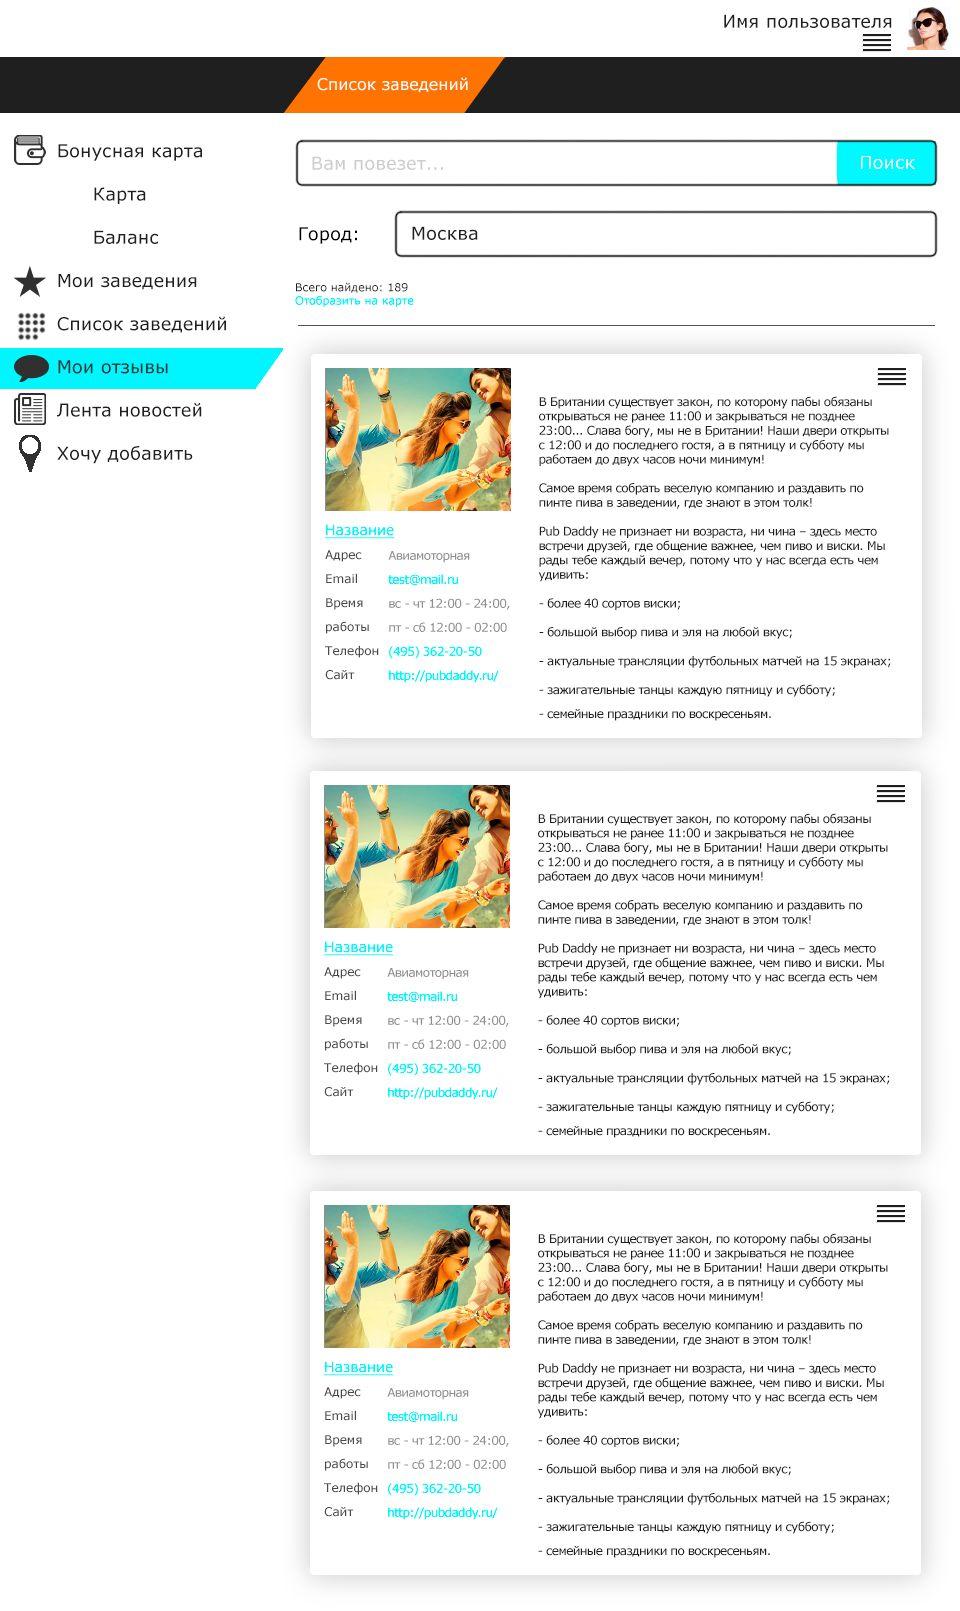 Дизайн внутренних страниц личного кабинета - дизайнер lazzzzzzzzzzzzz